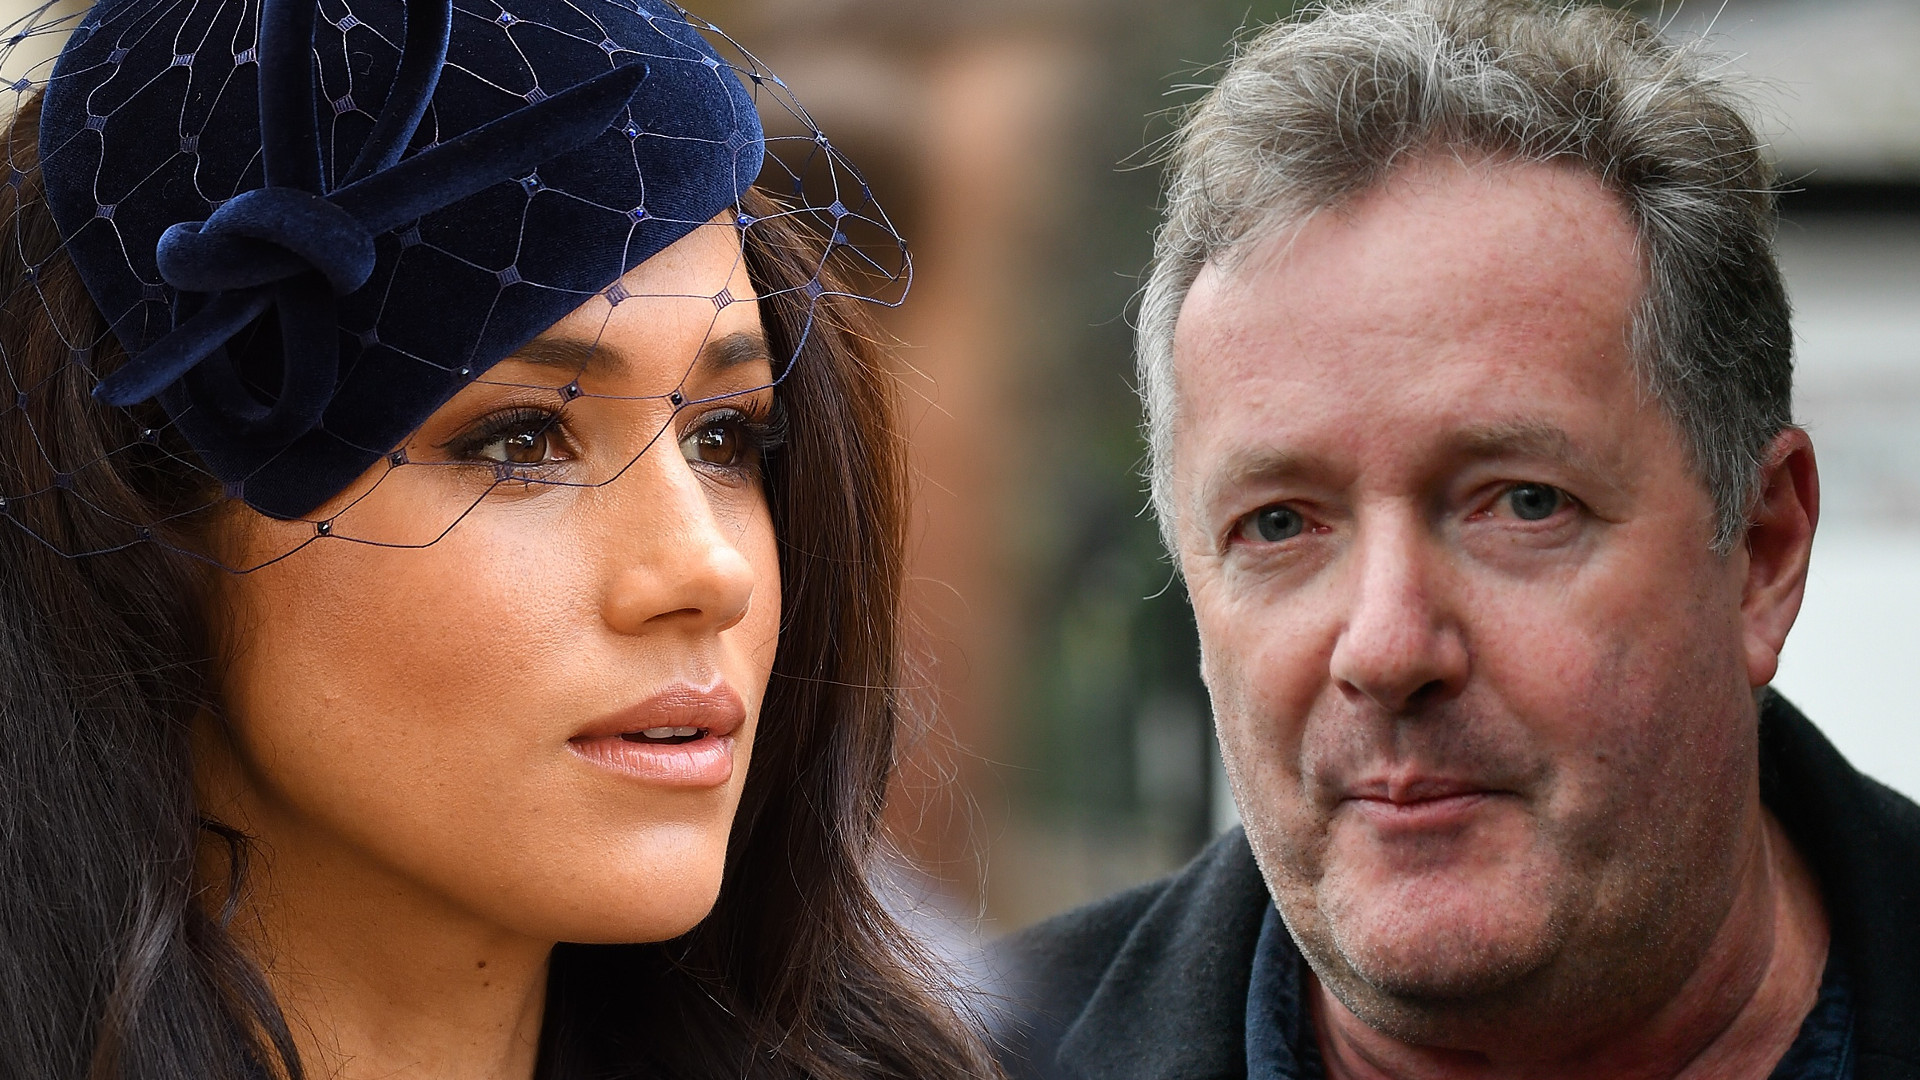 Piers Morgan obrażał Meghan Markle. Teraz ujawnił SZOKUJĄCE wiadomości od rodziny królewskiej